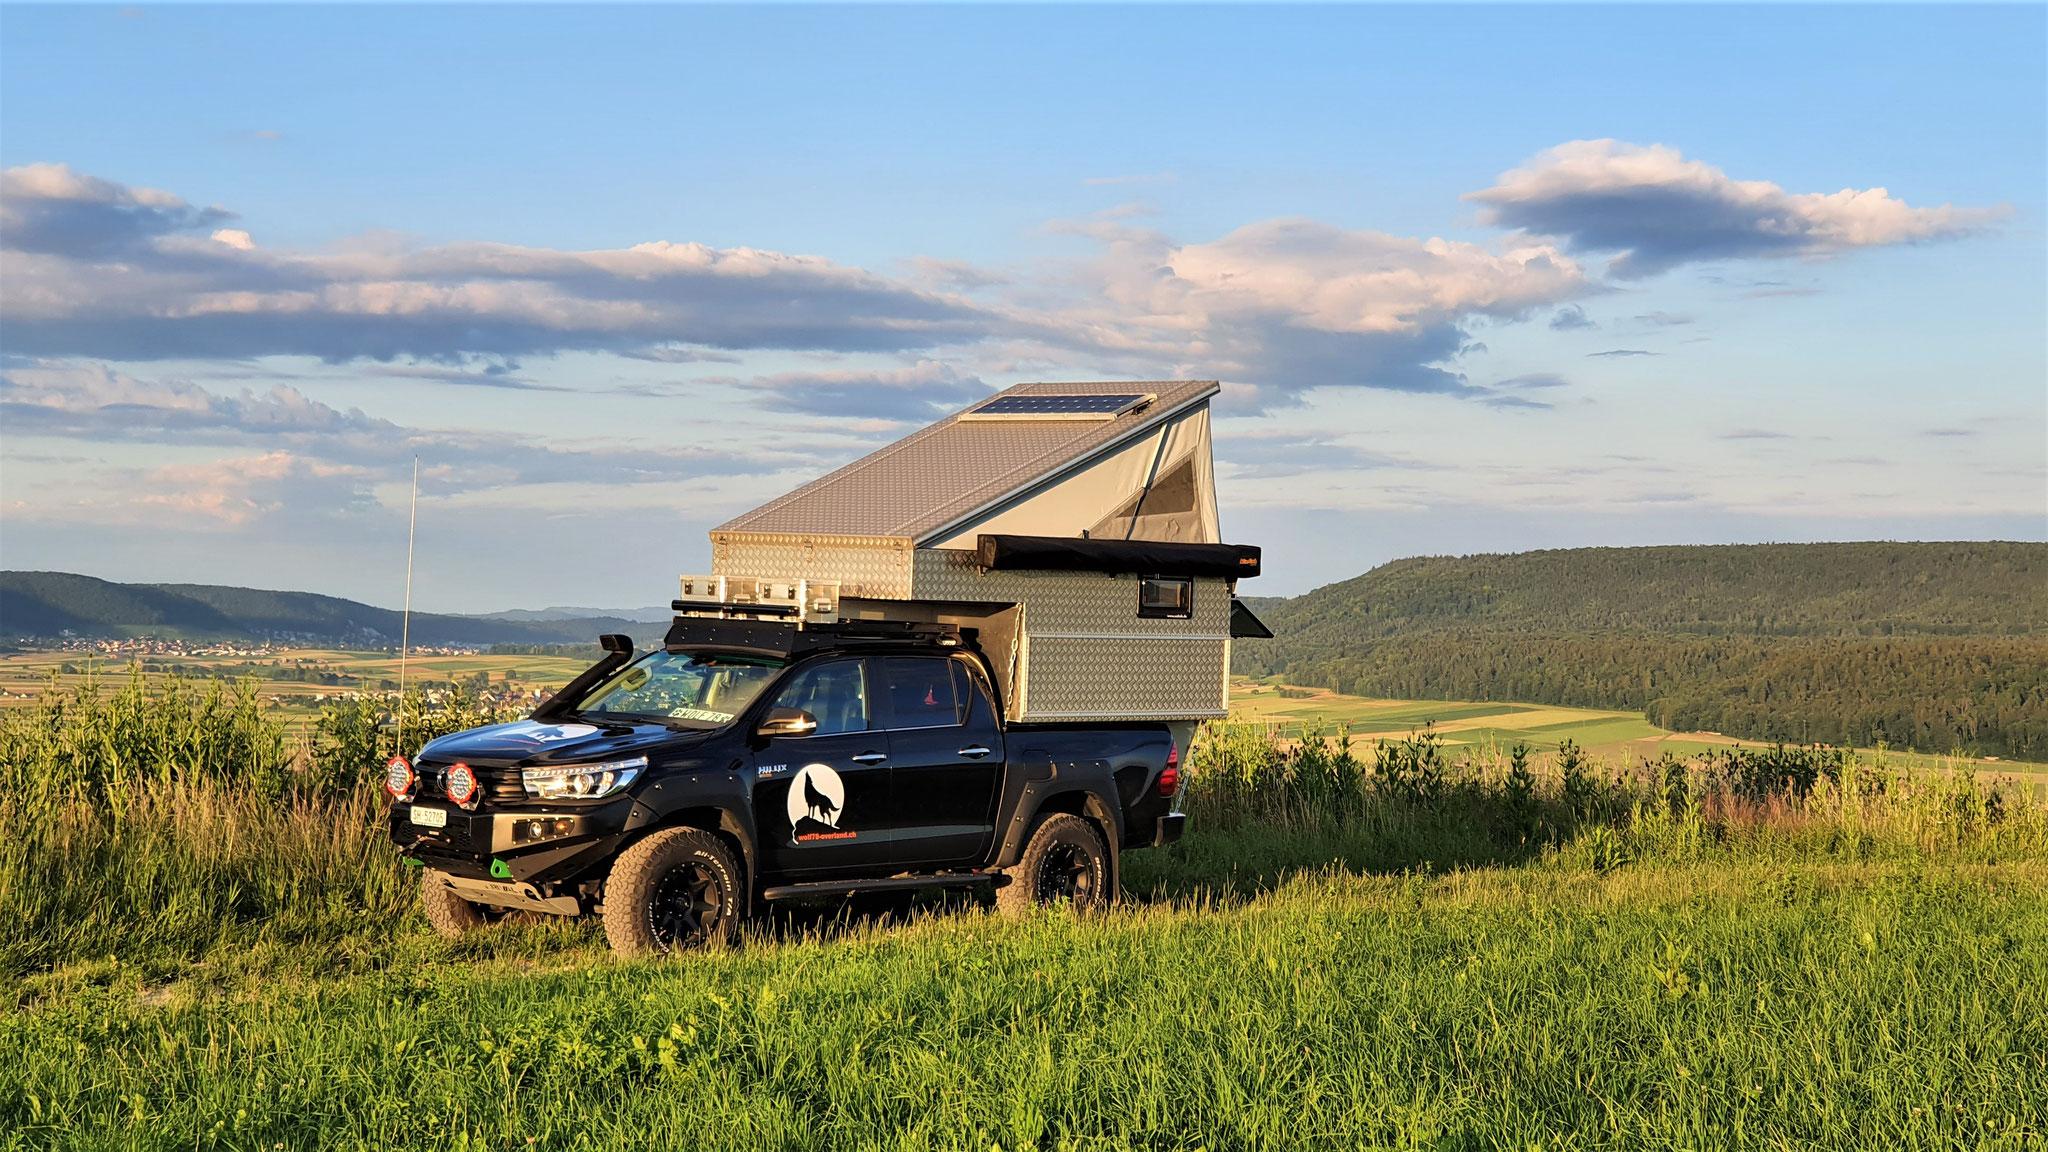 """Exkab Defender 130 Wohnkabine Toyota Hilux Pickup camper Revo 2017 2.4 #ProjektBlackwolf truckcamper  4x4 Frontrunner Rocksliders Roofrack Rival skidplate  bfgoodrich 285/70R17 33"""" Tires TJM Sknorkel offroad Tacoma expedition overland wolf78-overland.ch"""